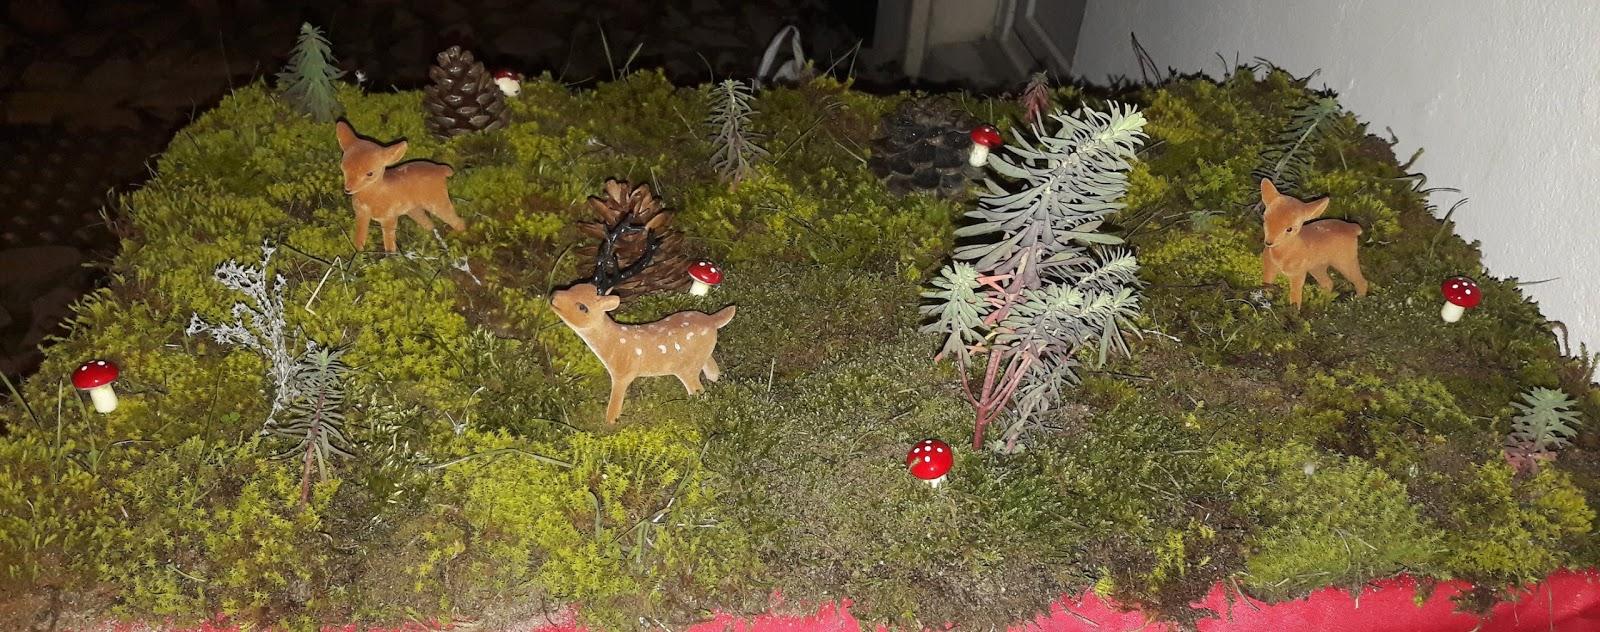 décoration naturelle noel mousse crèche paysage village